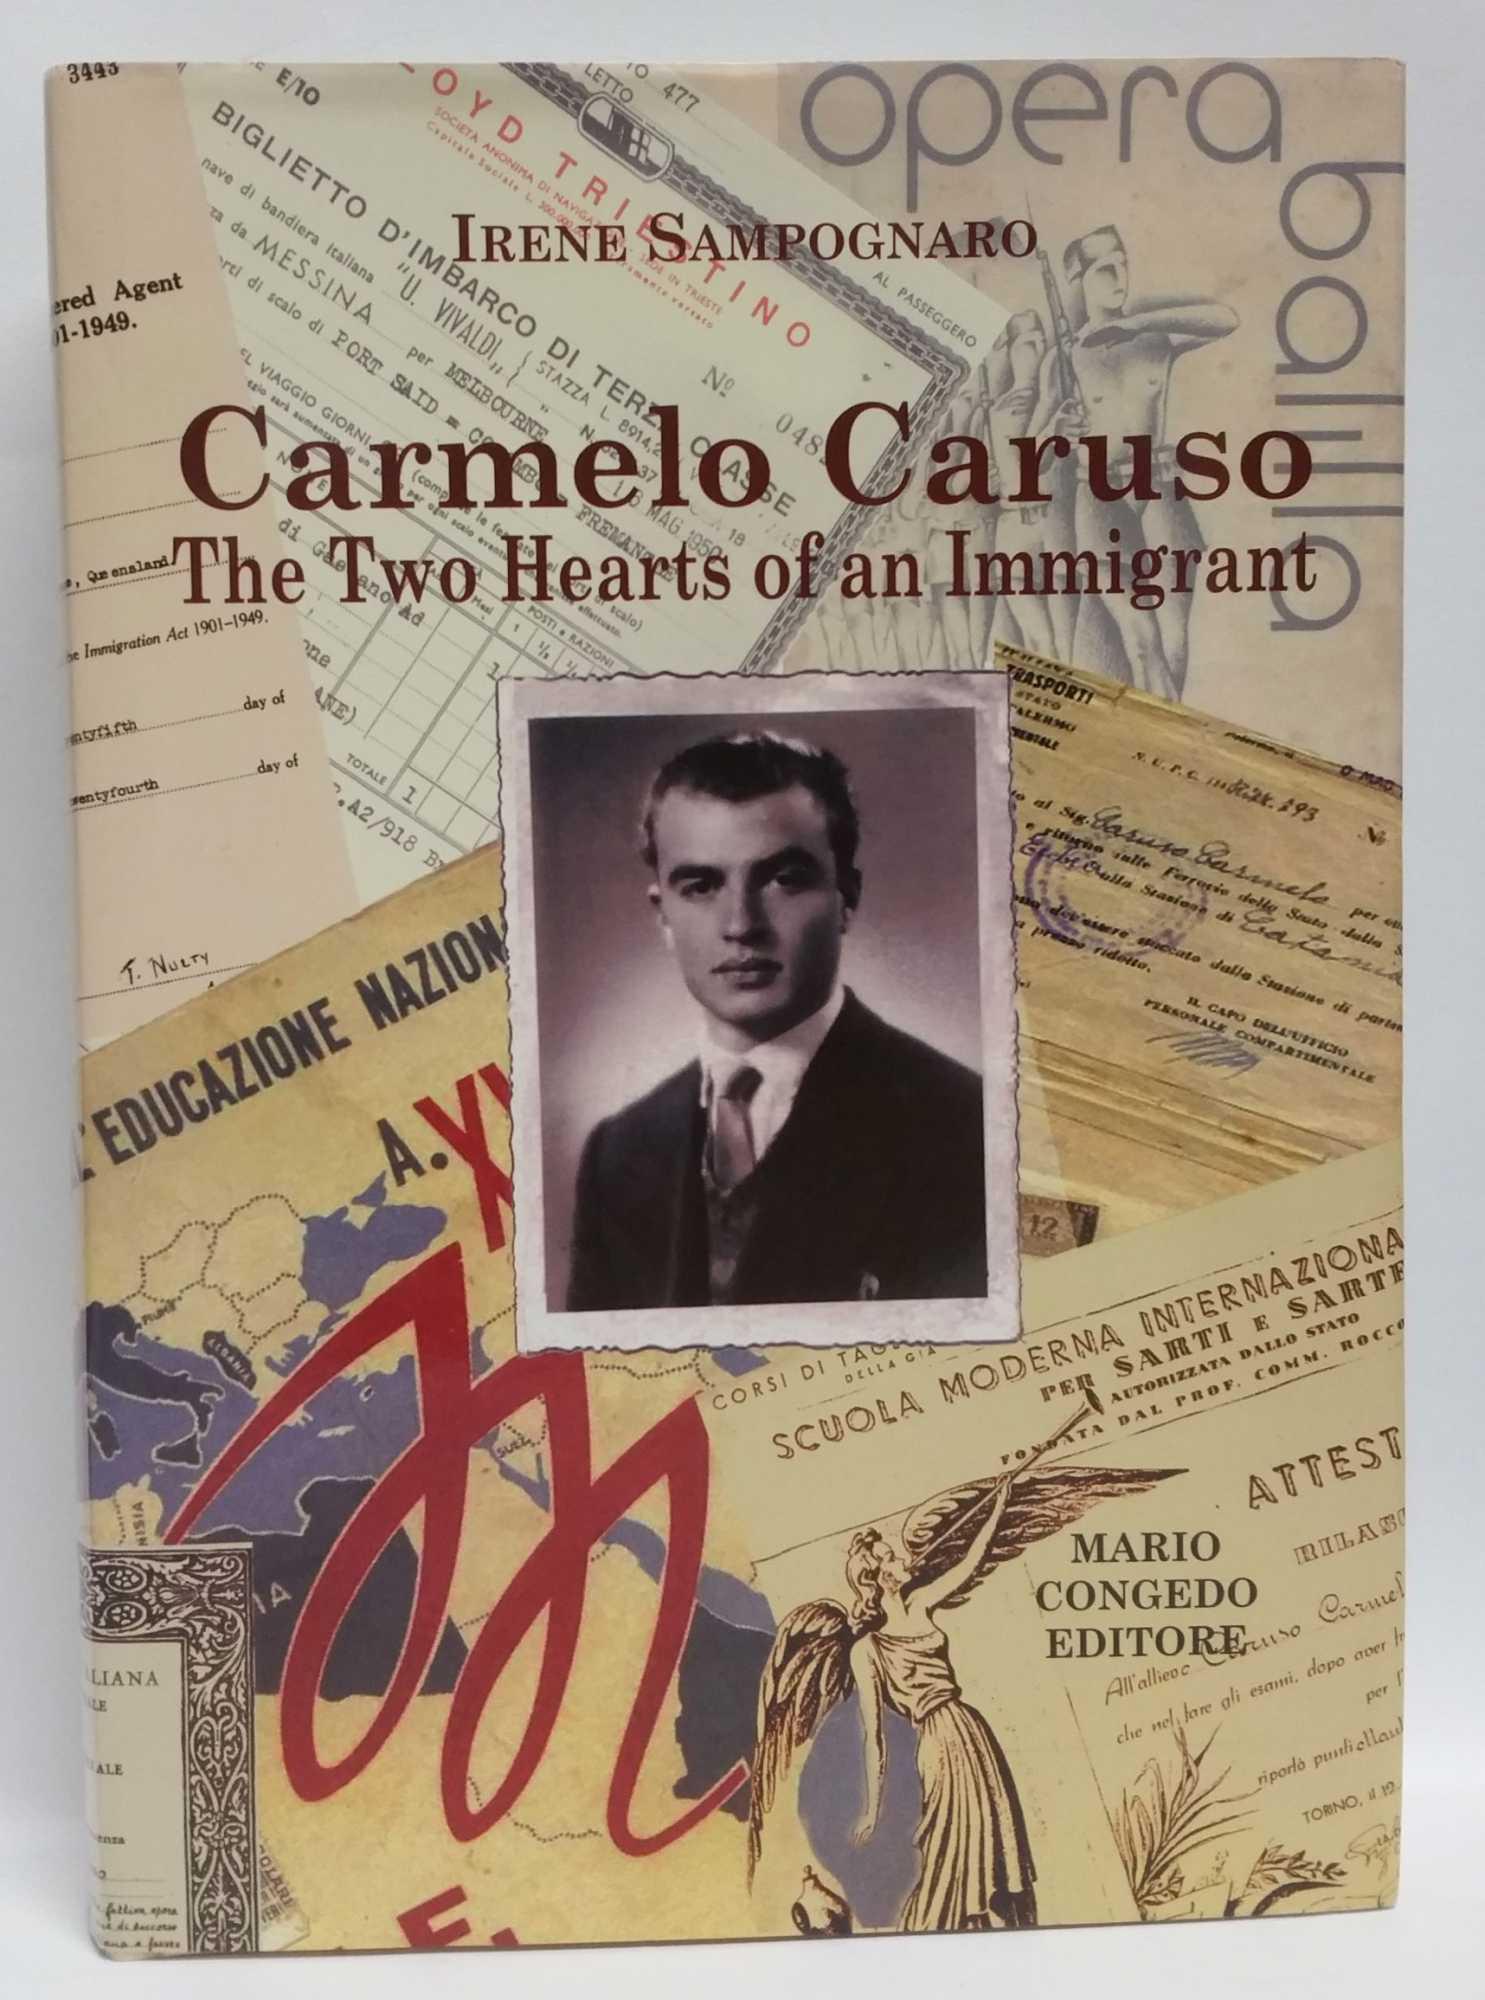 IRENE SAMPOGNARO - Carmelo Caruso: The Two Hearts of an Immigrant